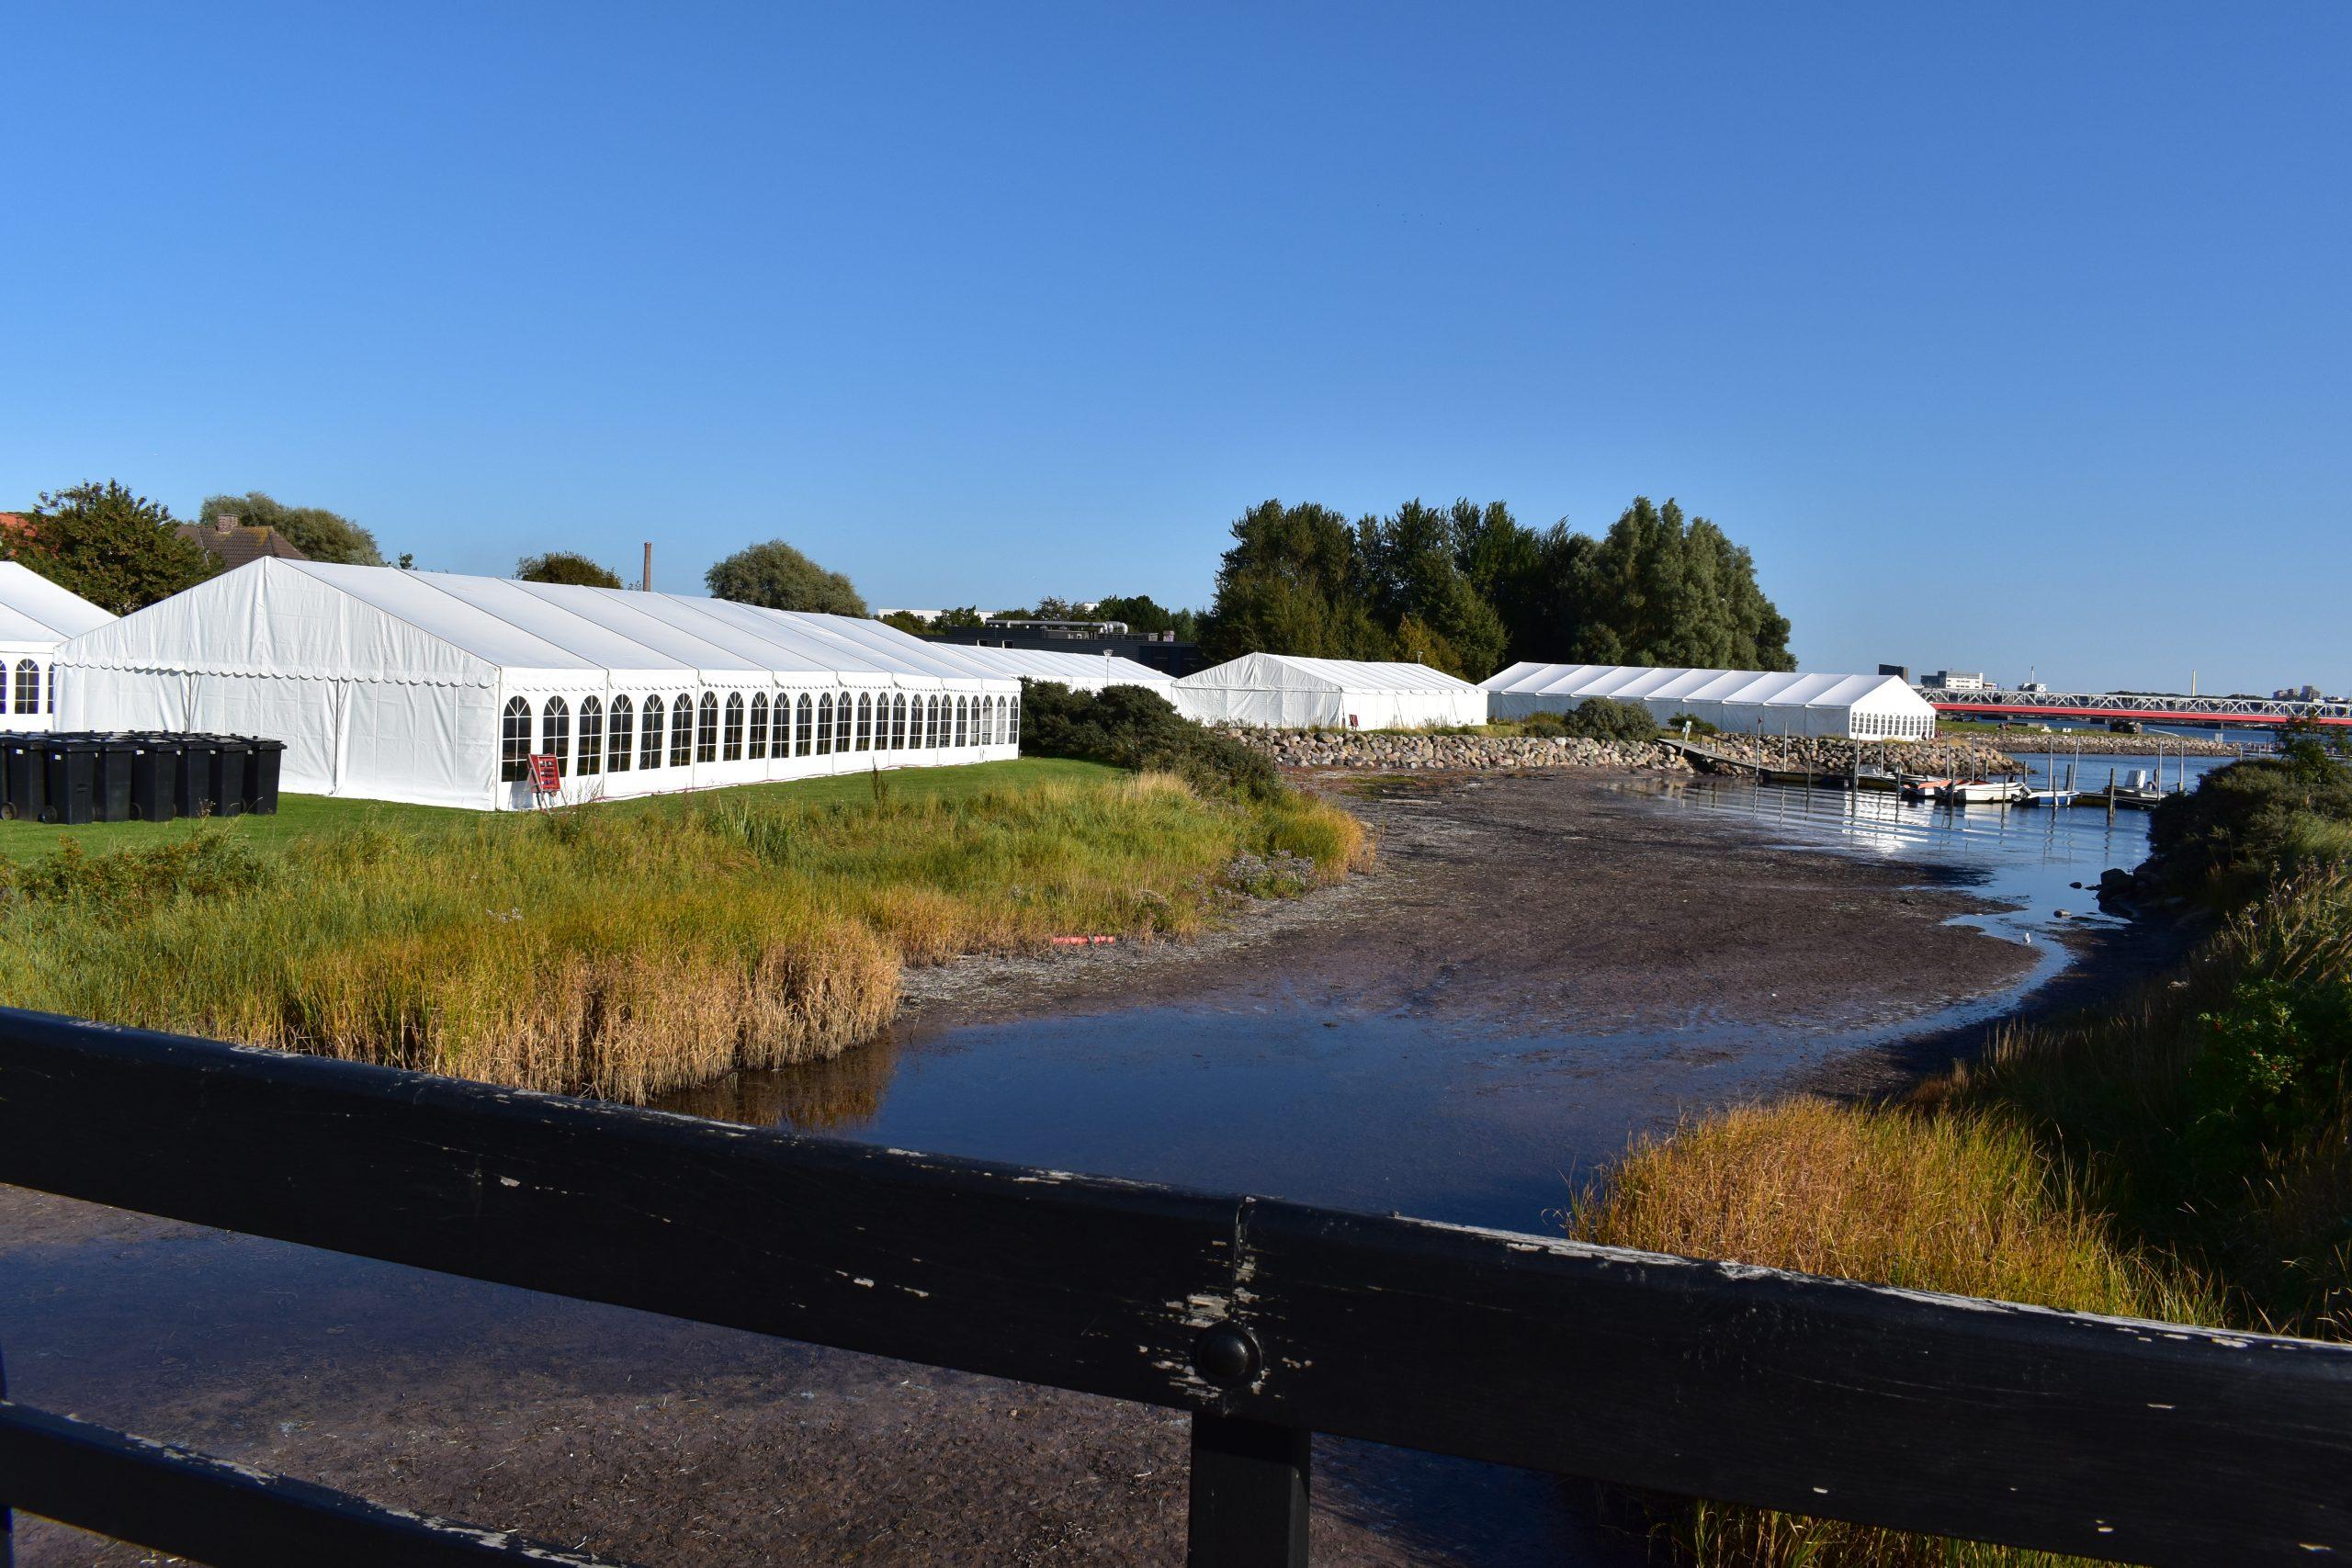 Har du set de mange hvide telte?: Tusinder samles til DHL-stafet i denne uge